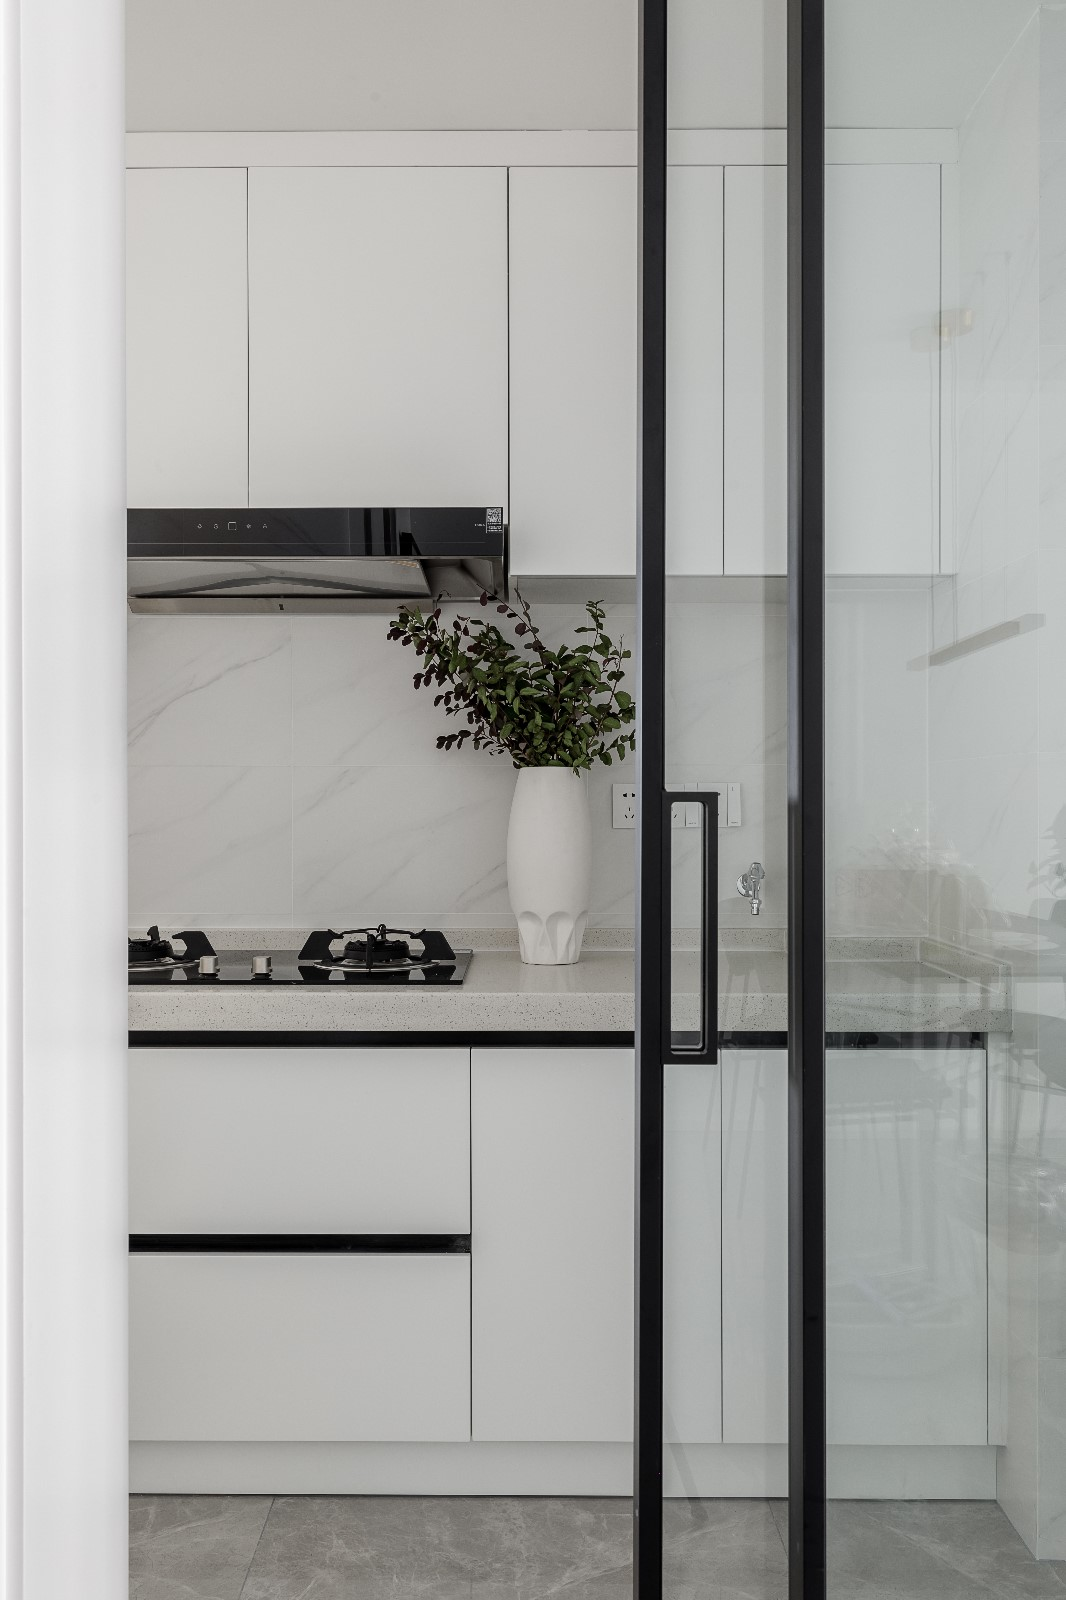 清新日光居、三口之家餐厅北欧极简厨房设计图片赏析